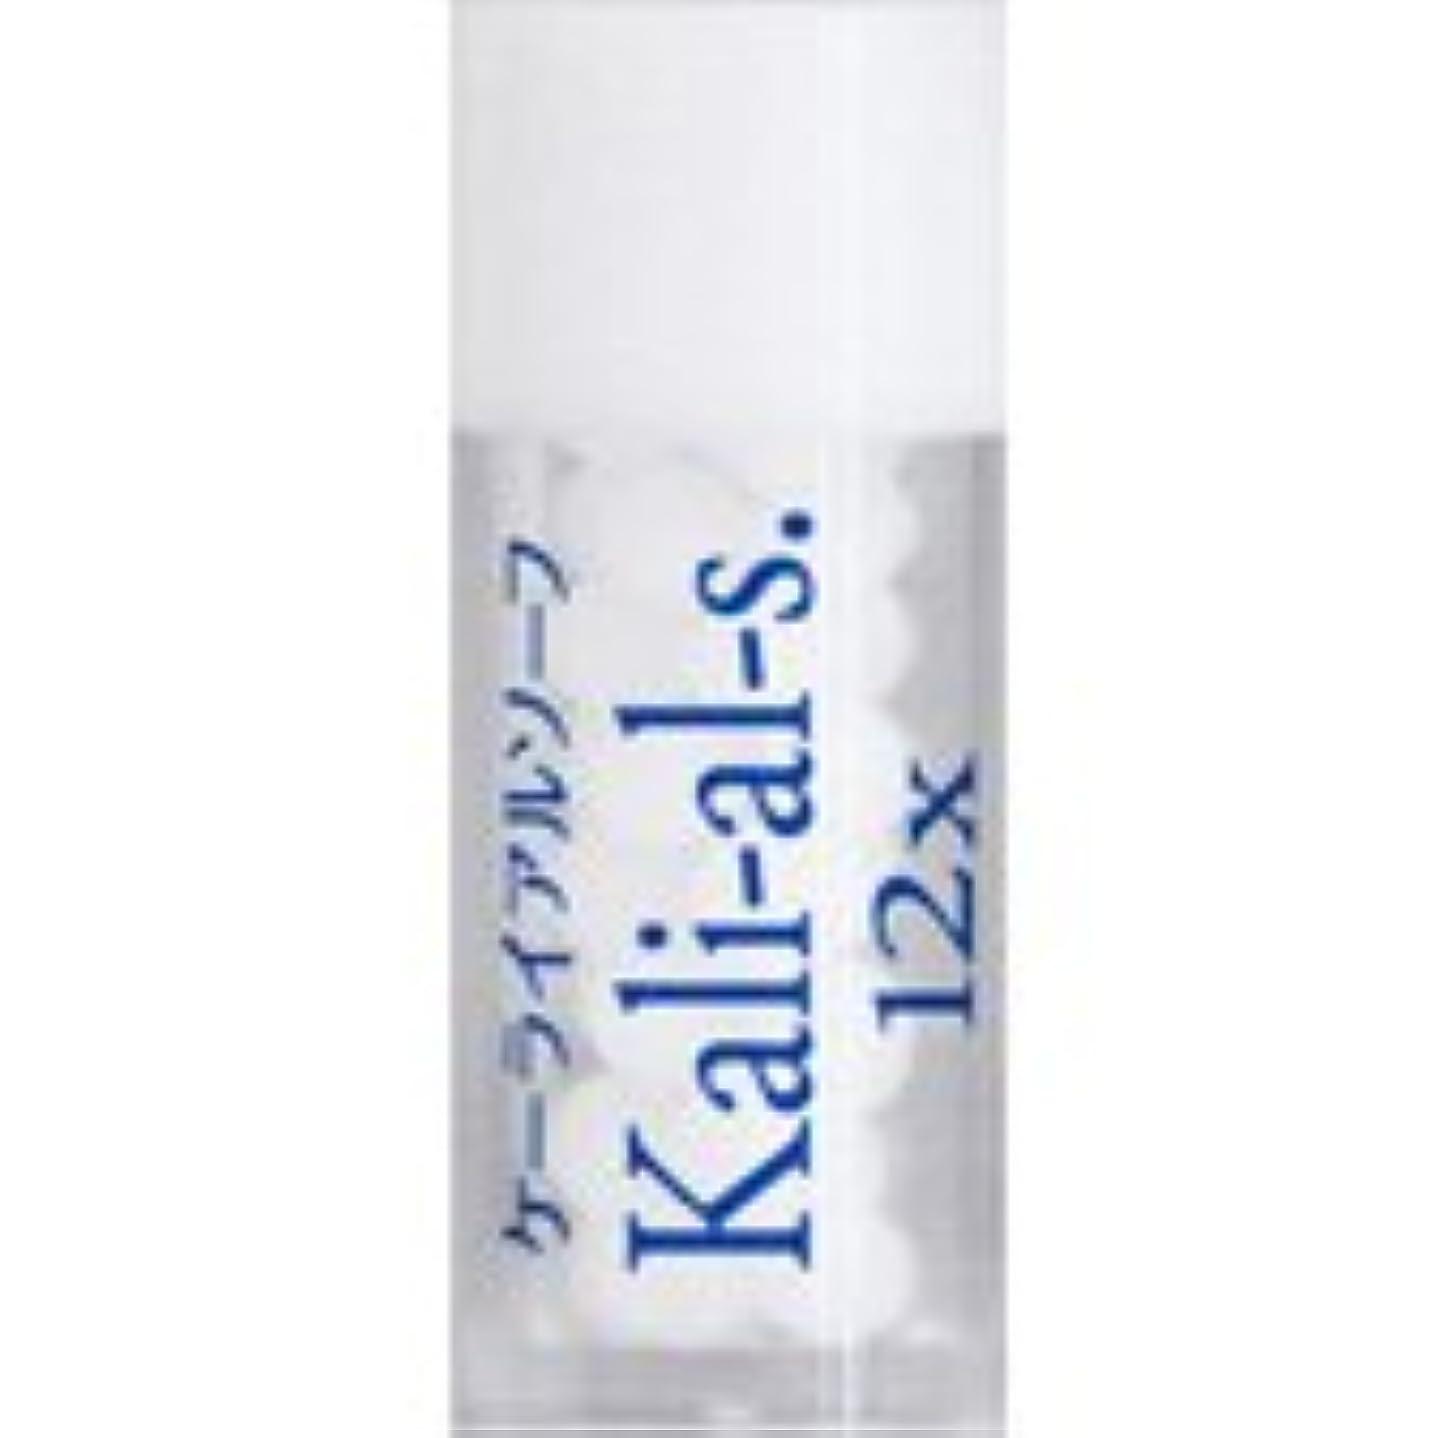 極端な媒染剤サリー36バイタルエレメントキット 対応 各種 (17)Kali-al-s.12X ケーライアルソーフ)